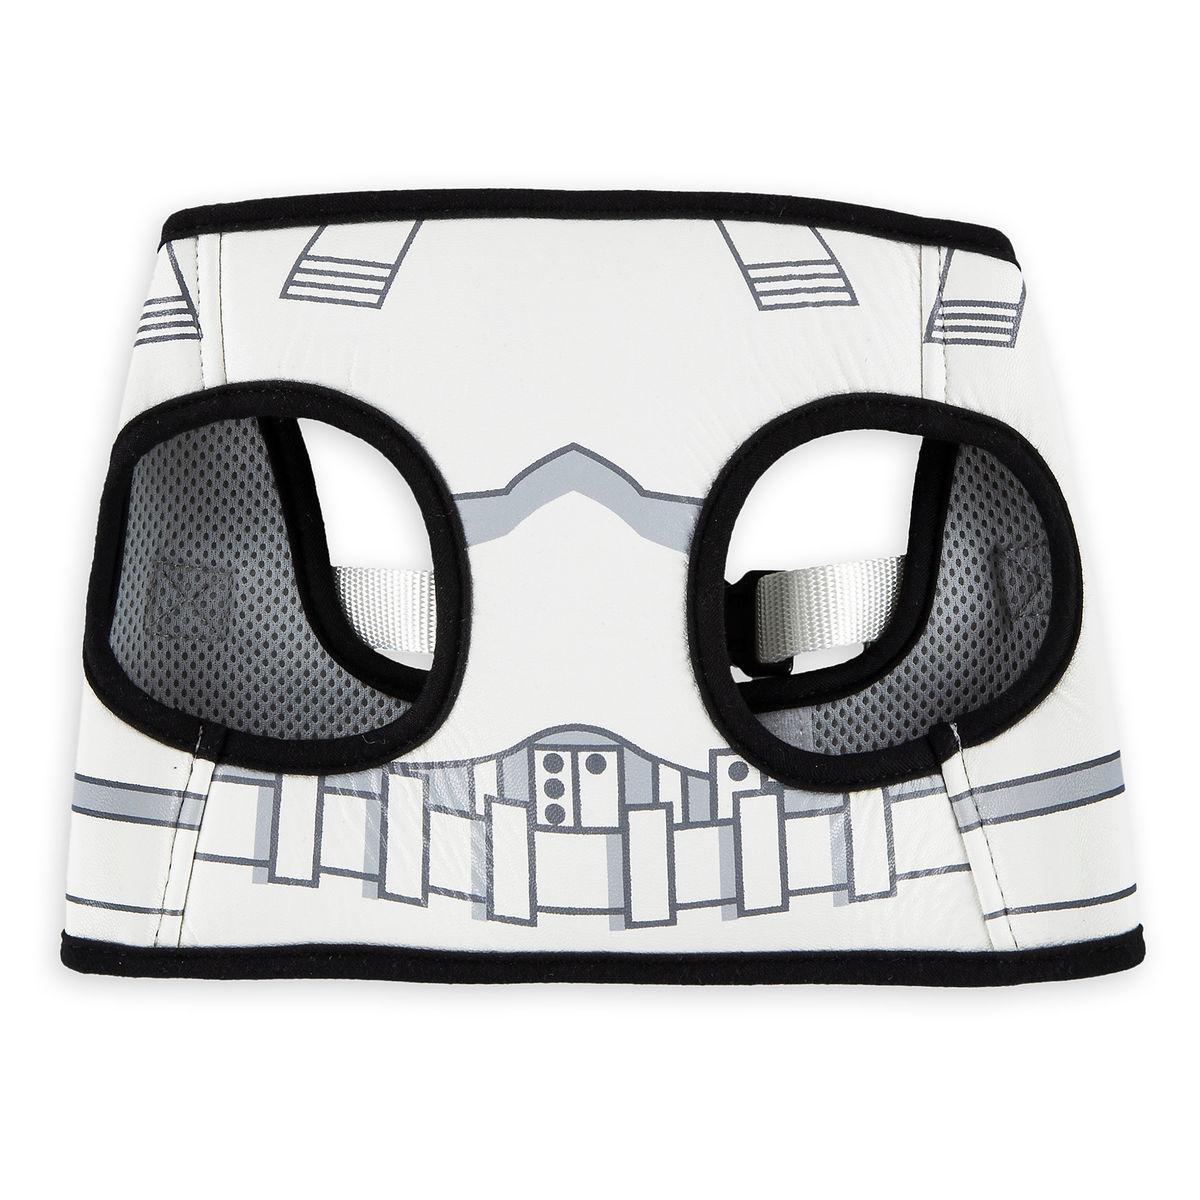 Add to My Lists. Disney Pet Harness - Stormtrooper Costume - Star Wars b2364eeb7419